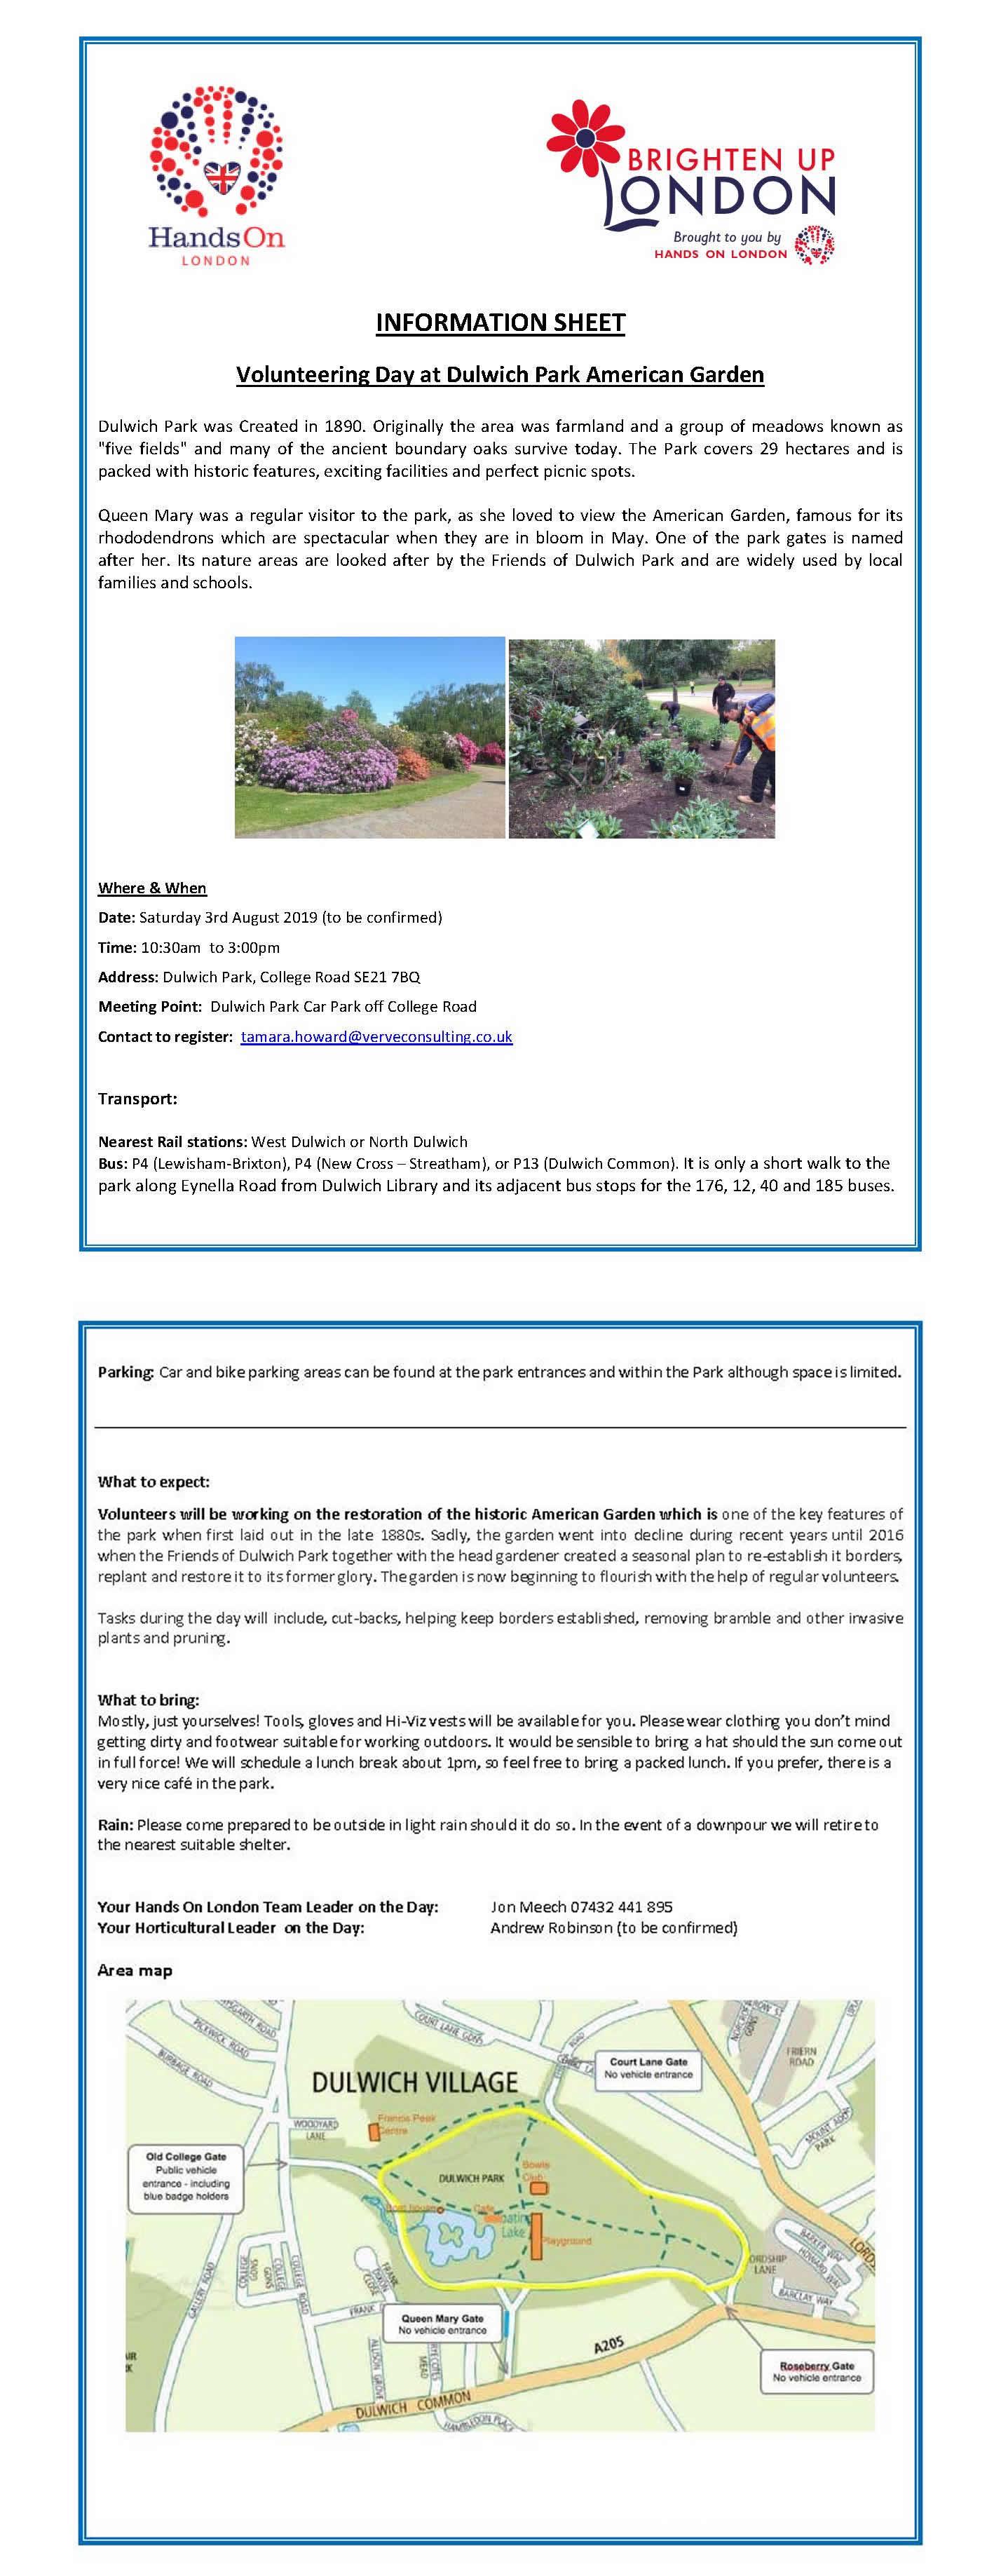 vol-info-sheet---dulwich-park---3rd-august-2019